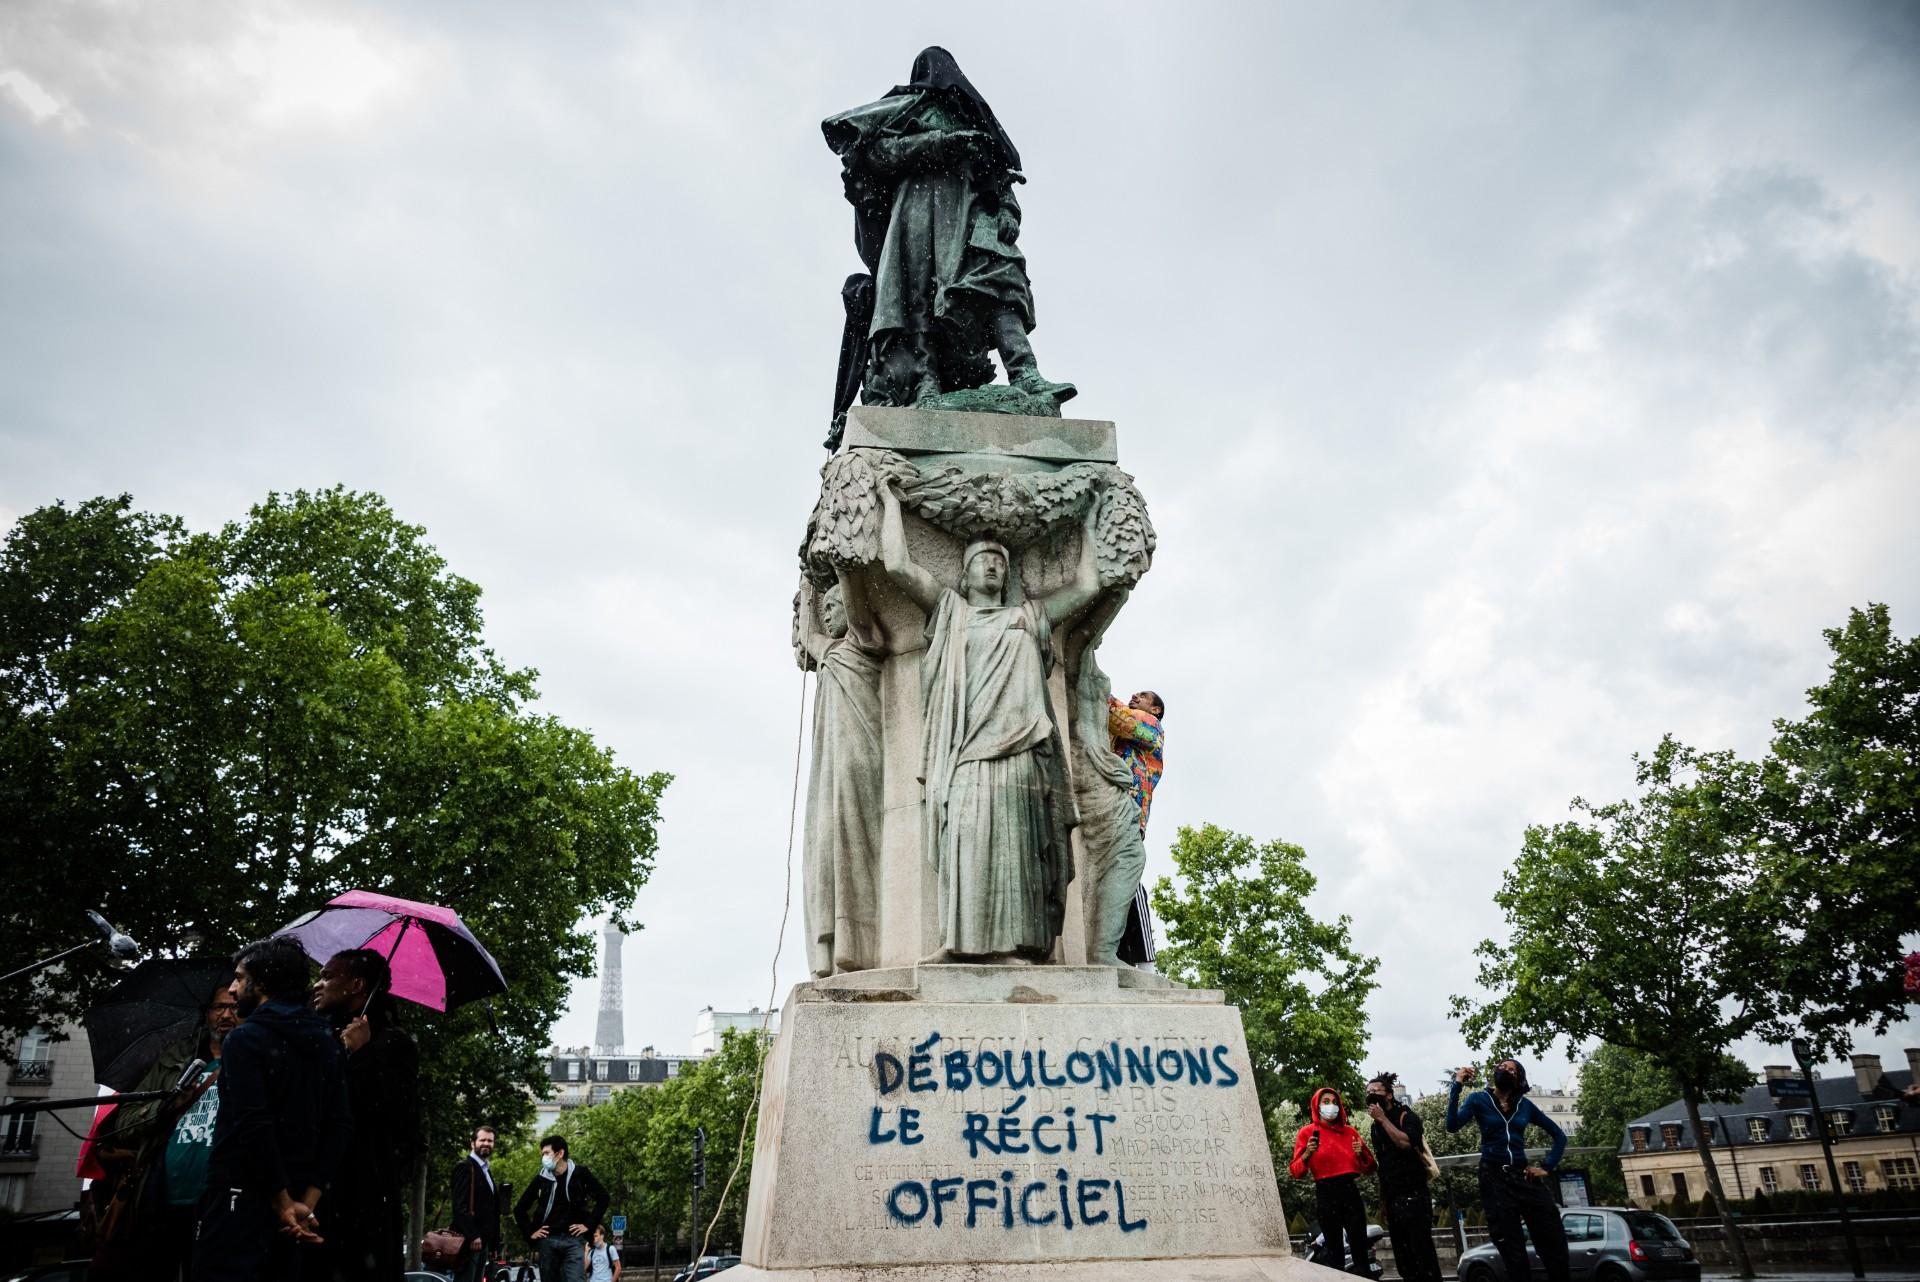 Vikash Dhorasoo et une vingtaine de militants antiracistes recouvrent d'un voile noir la statue du maréchal galliéni, héros de la Première Guerre mondiale et administrateur colonial français, Paris, 18 juin 2020. © J. Radcliffe/Getty Images/AFP